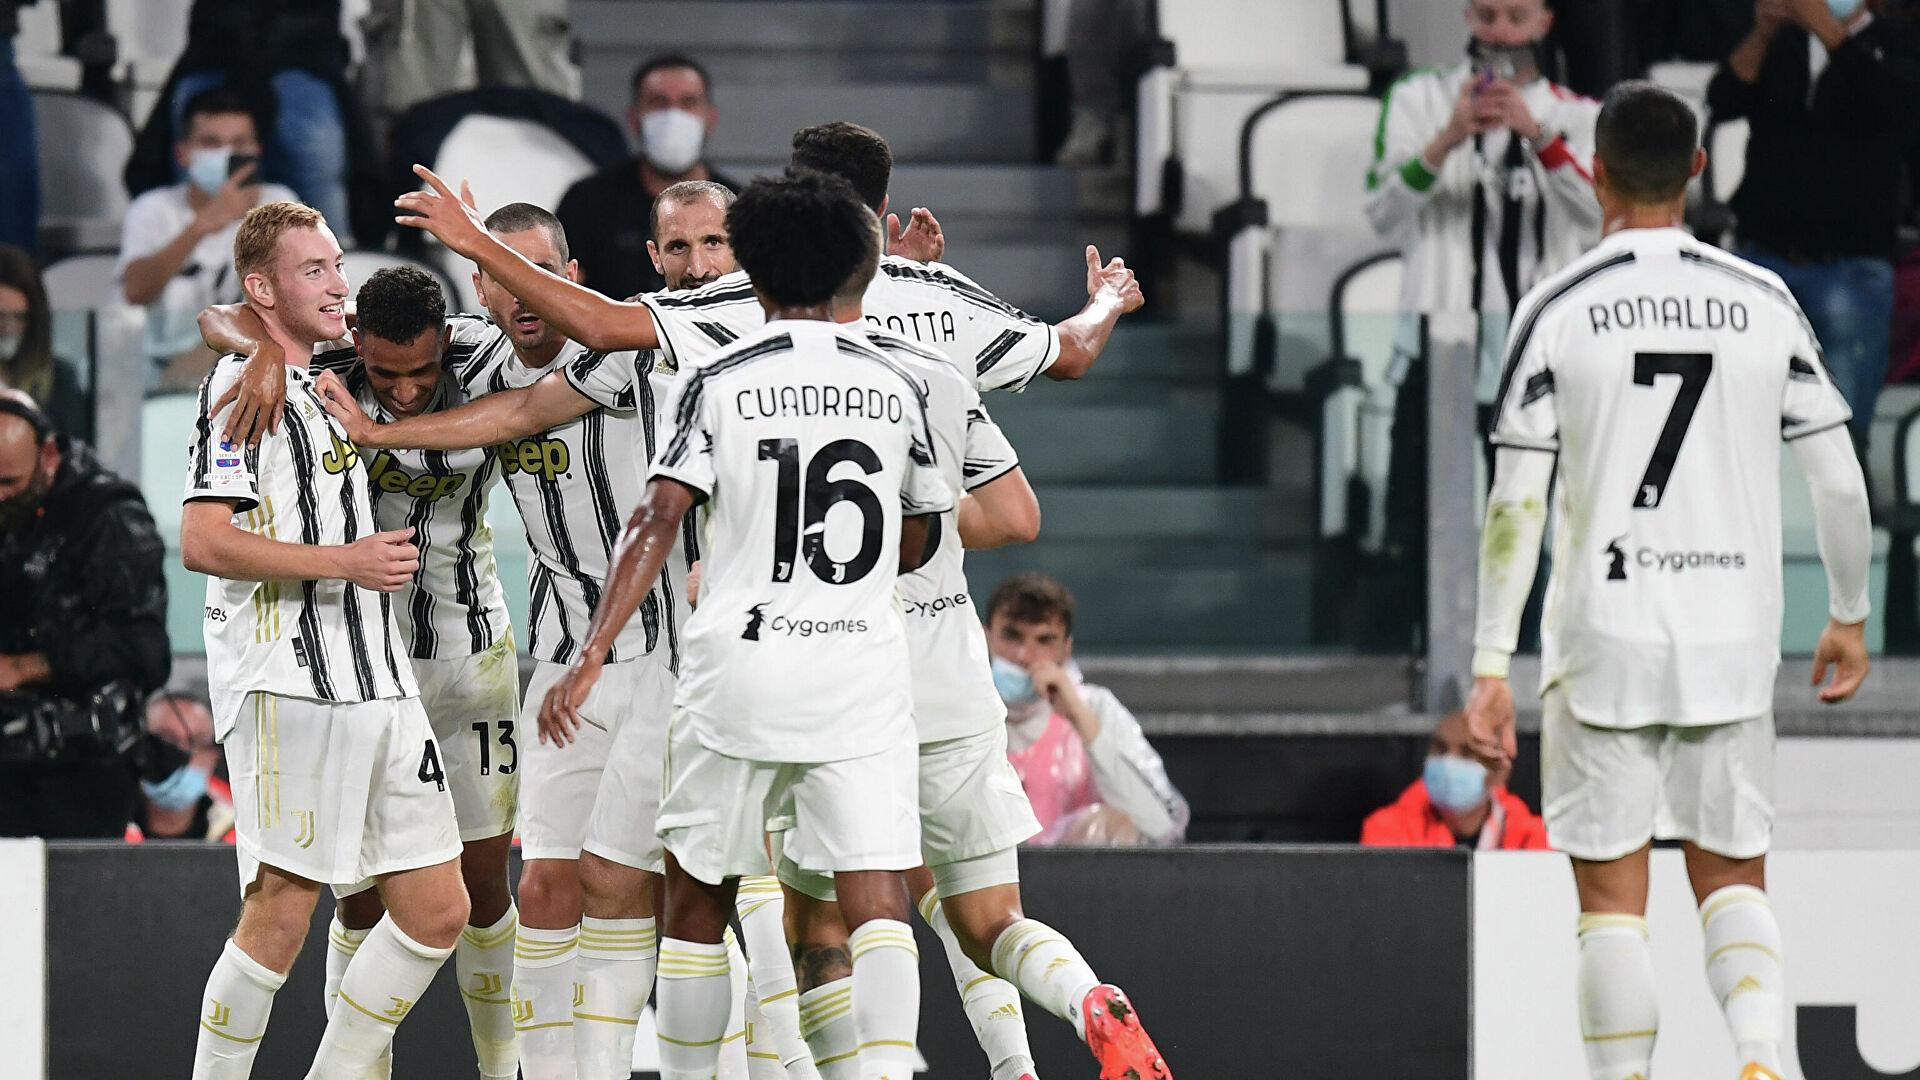 Букмекеры снизили коэффициент на провальный сезон «Ювентуса»